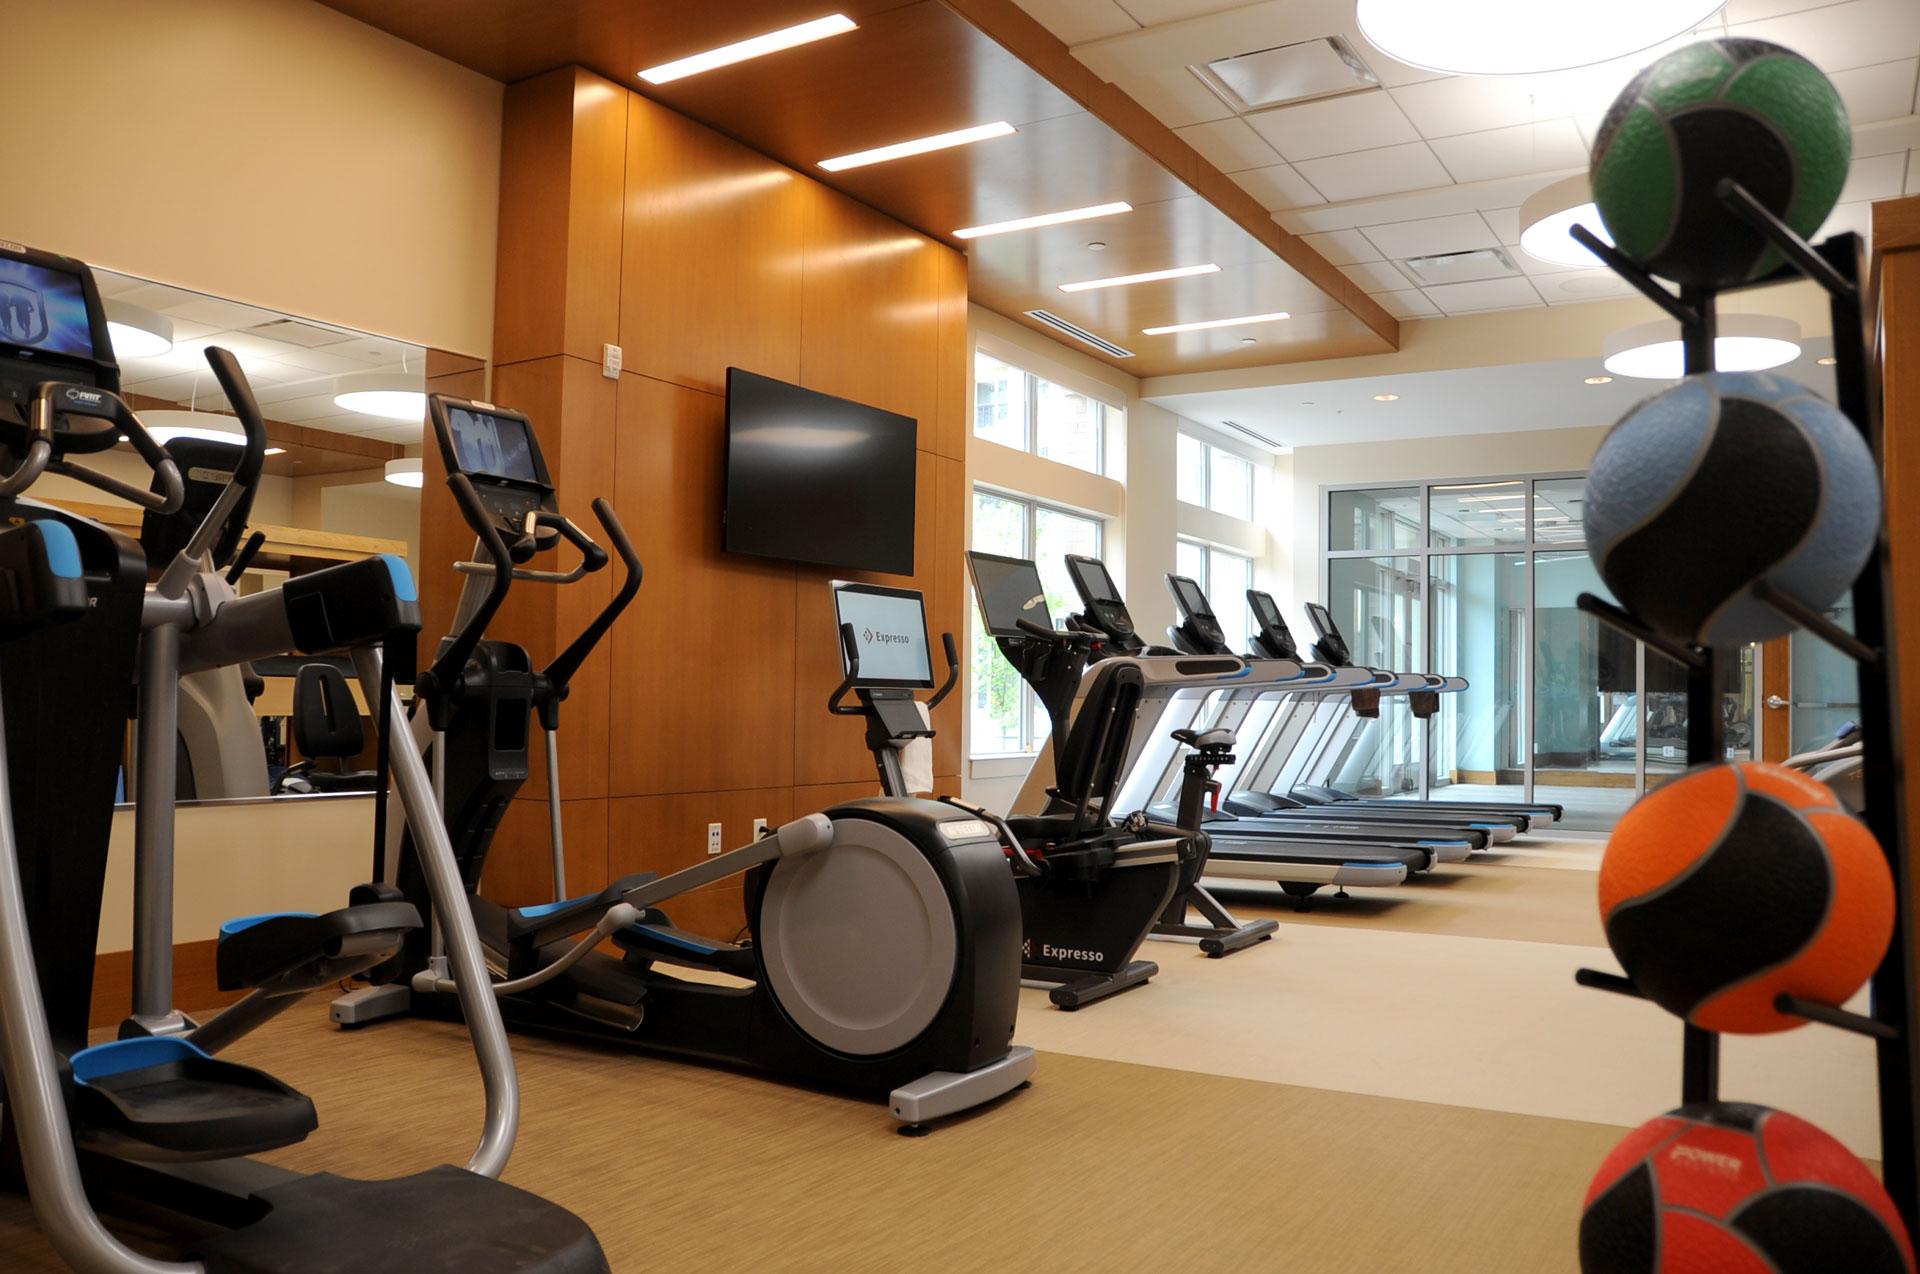 Exercise room full of equipment